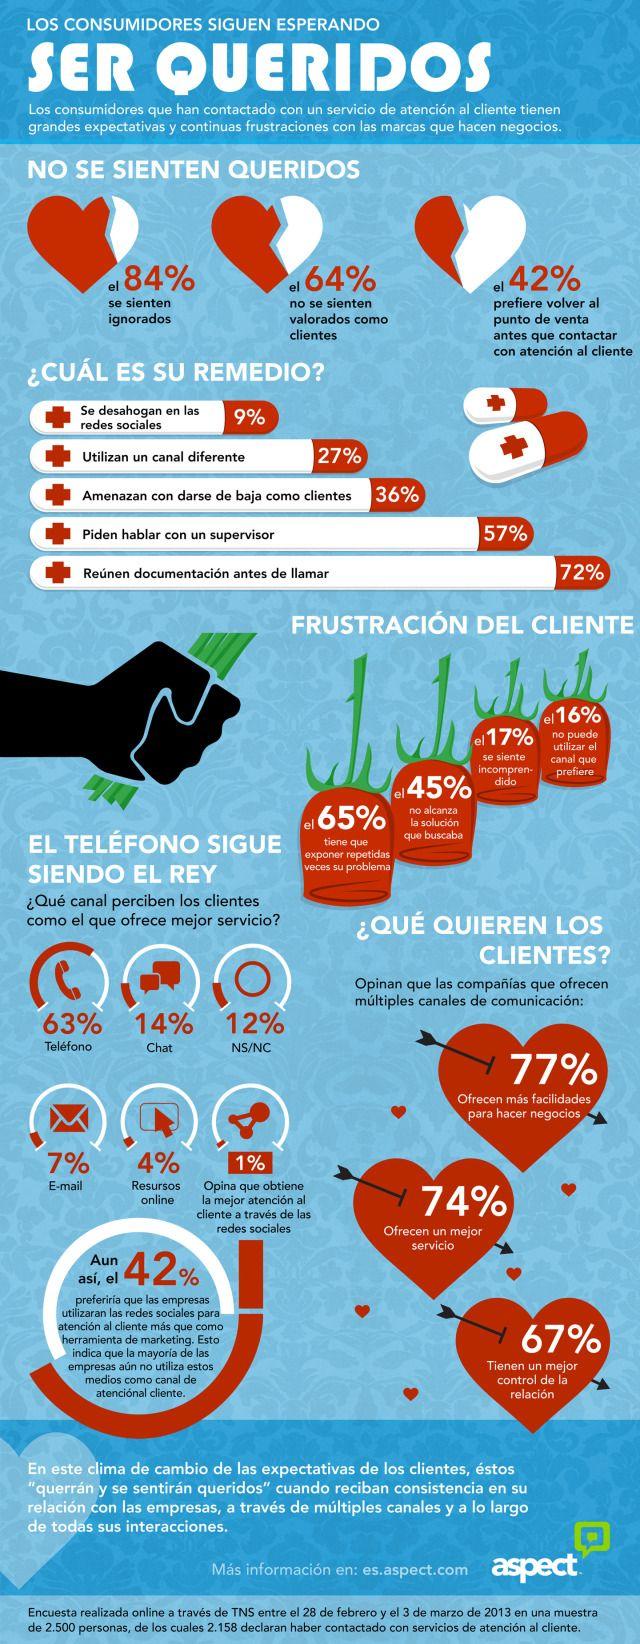 #Infografia Los clientes desean ser queridos. #TAVnews